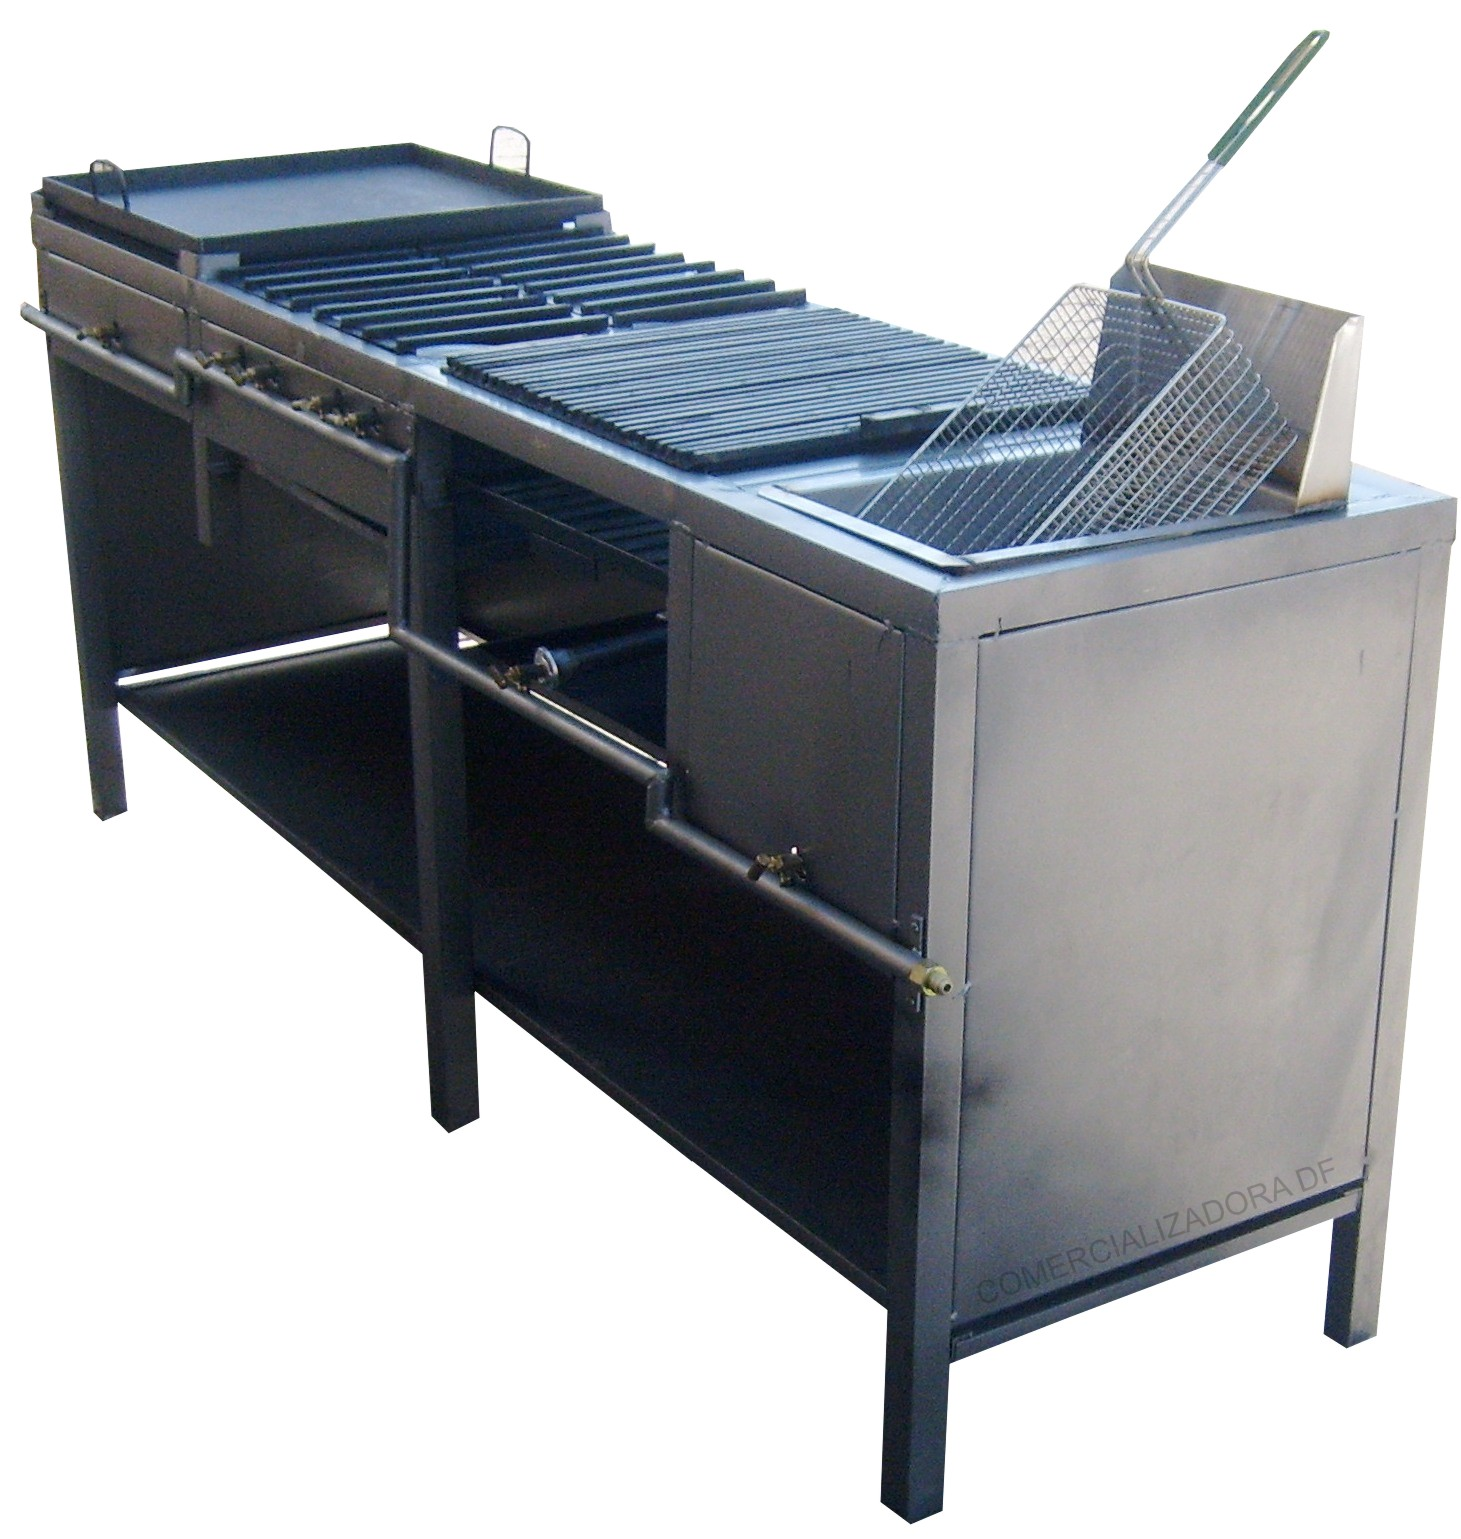 Soluchef plancha 4 hornillas asador y freidora for Planchas para forrar banos